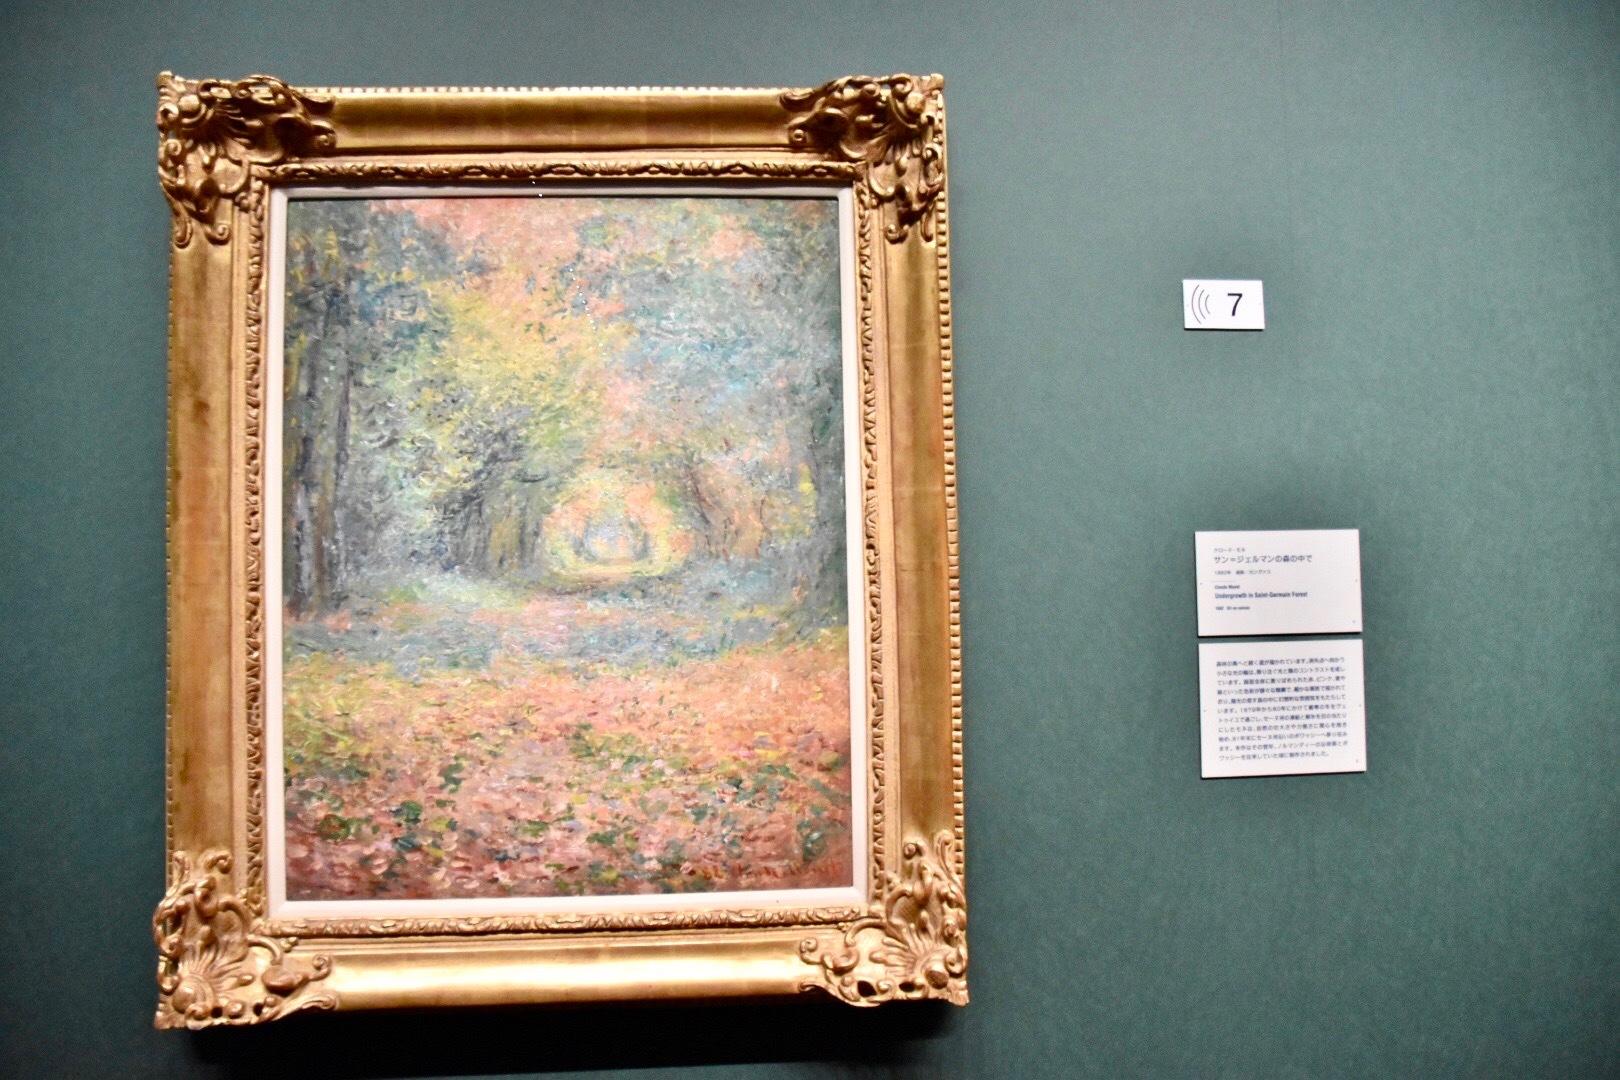 クロード・モネ 《サン=ジェルマンの森の中で》 1882年 吉野石膏コレクション